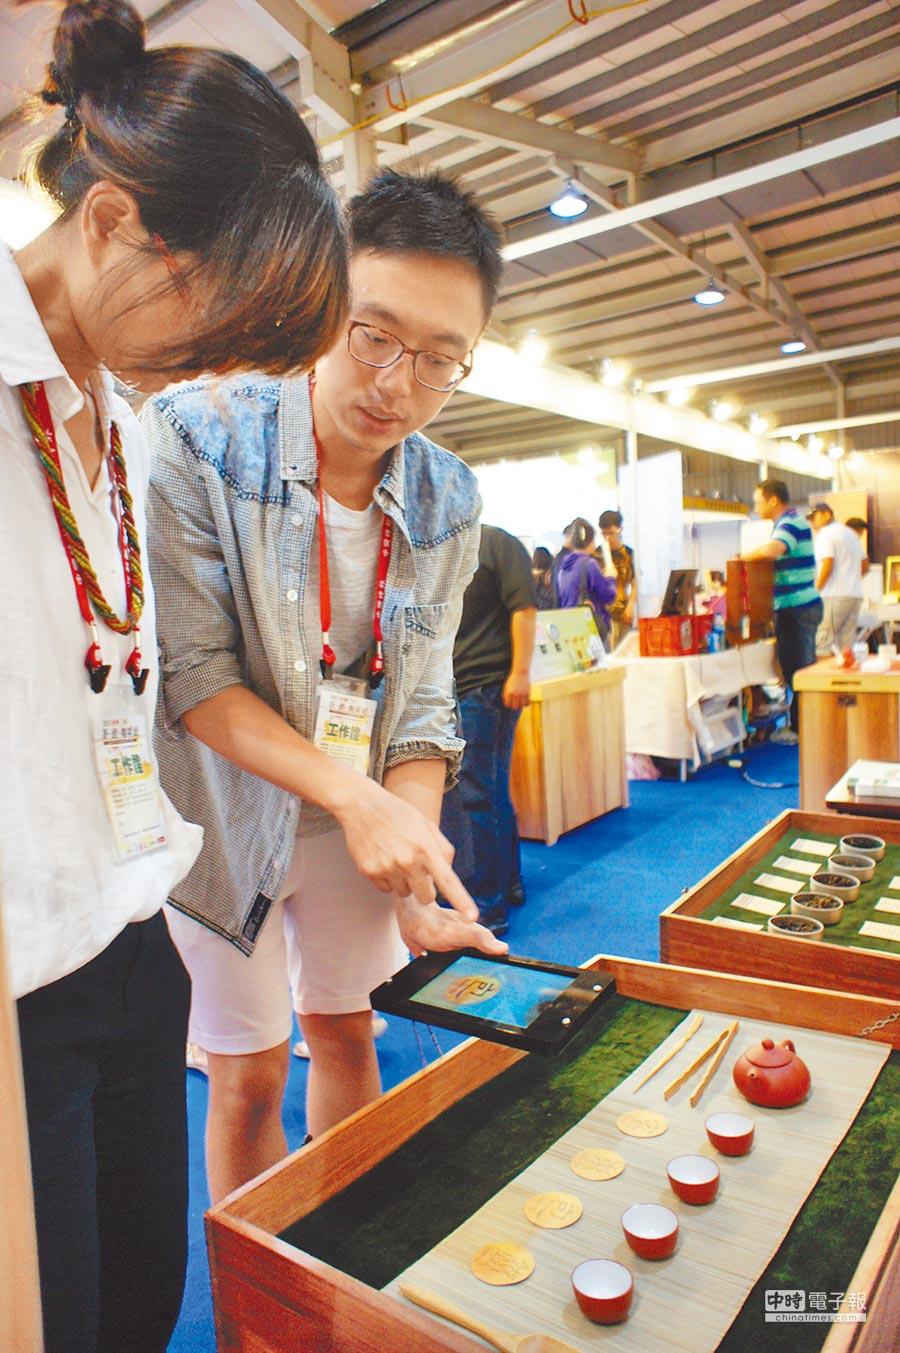 新北市文化局在展場中以行動博物館的方式,透過展示茶葉、行動軟體秀茶湯的方式,介紹坪林茶葉博物館。(馮惠宜攝)